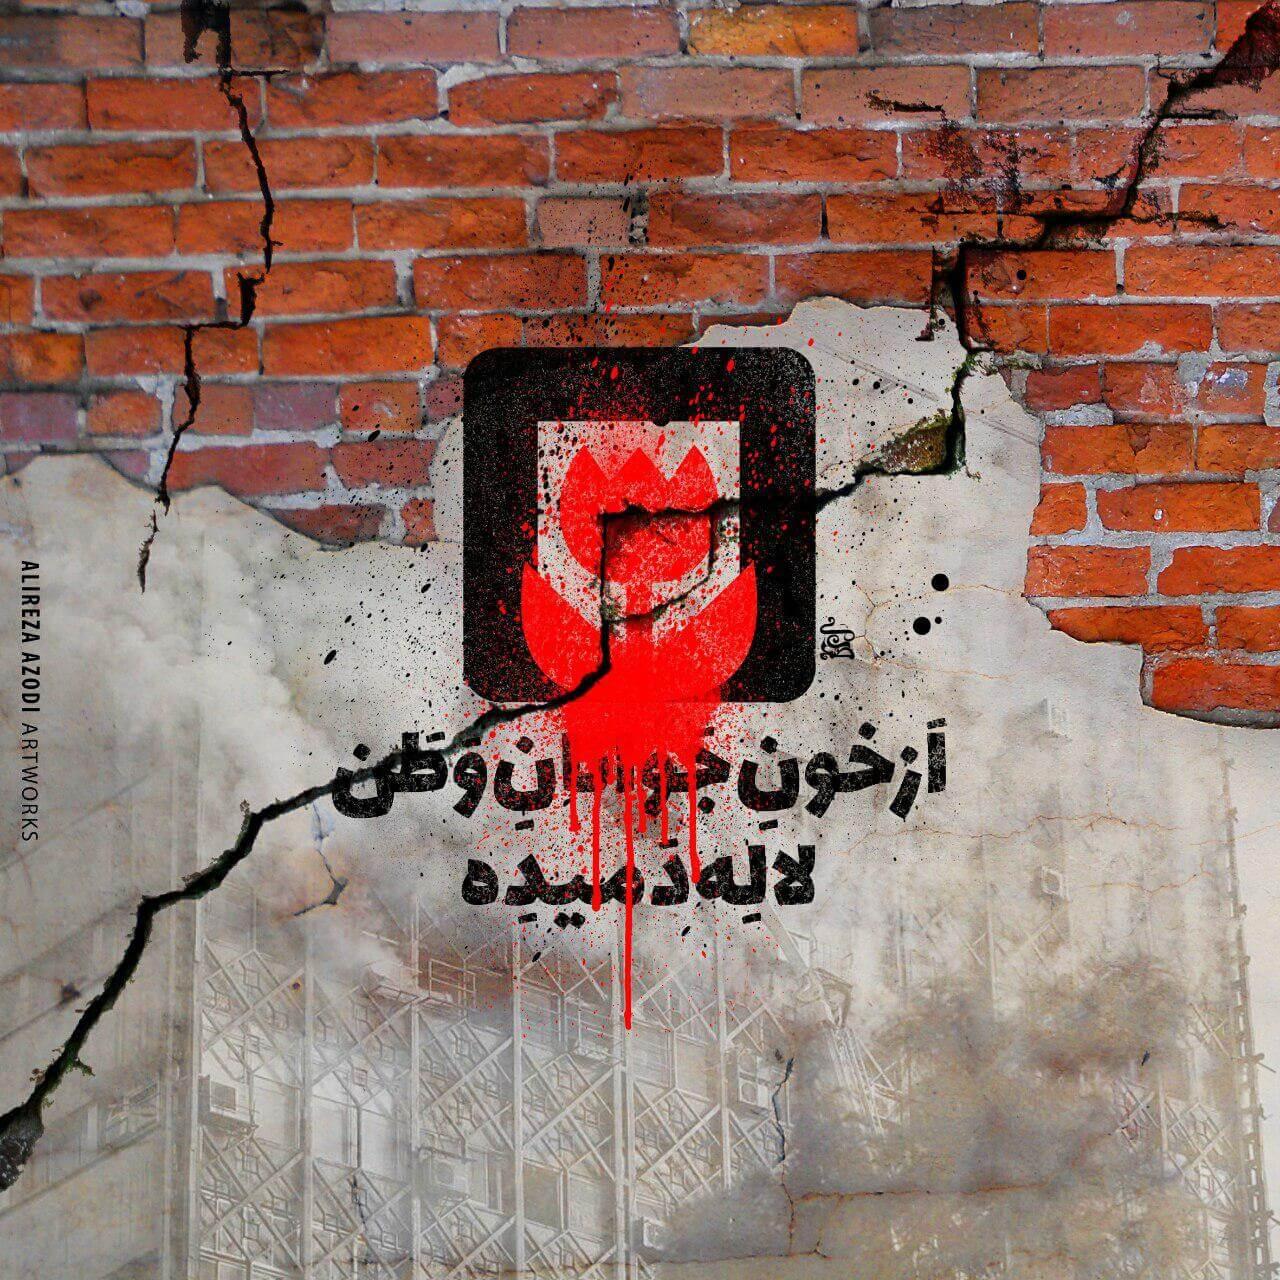 از خون جوانان وطن لاله دمیده